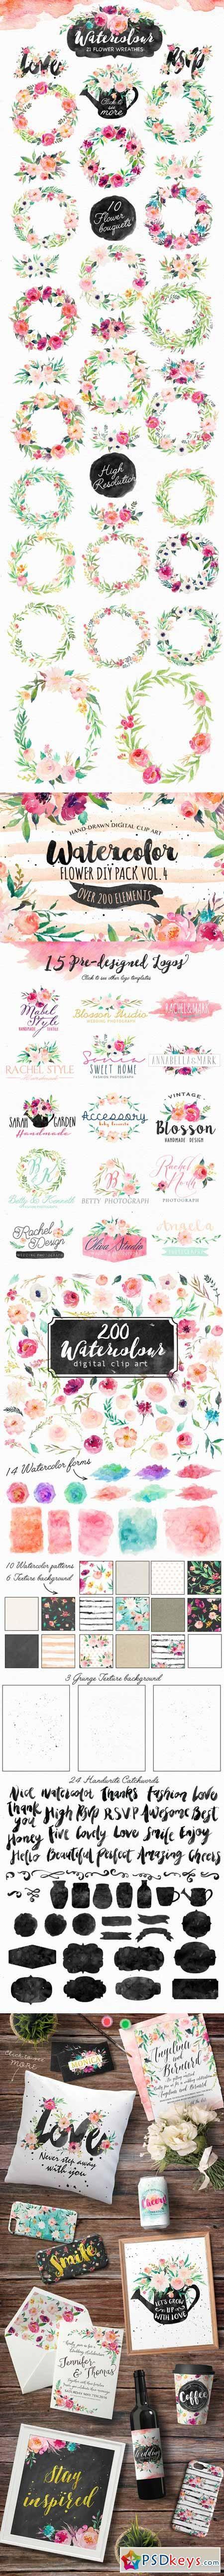 Watercolor DIY pack Vol 4 358935 | PSDkeys in 2019 | Wreath